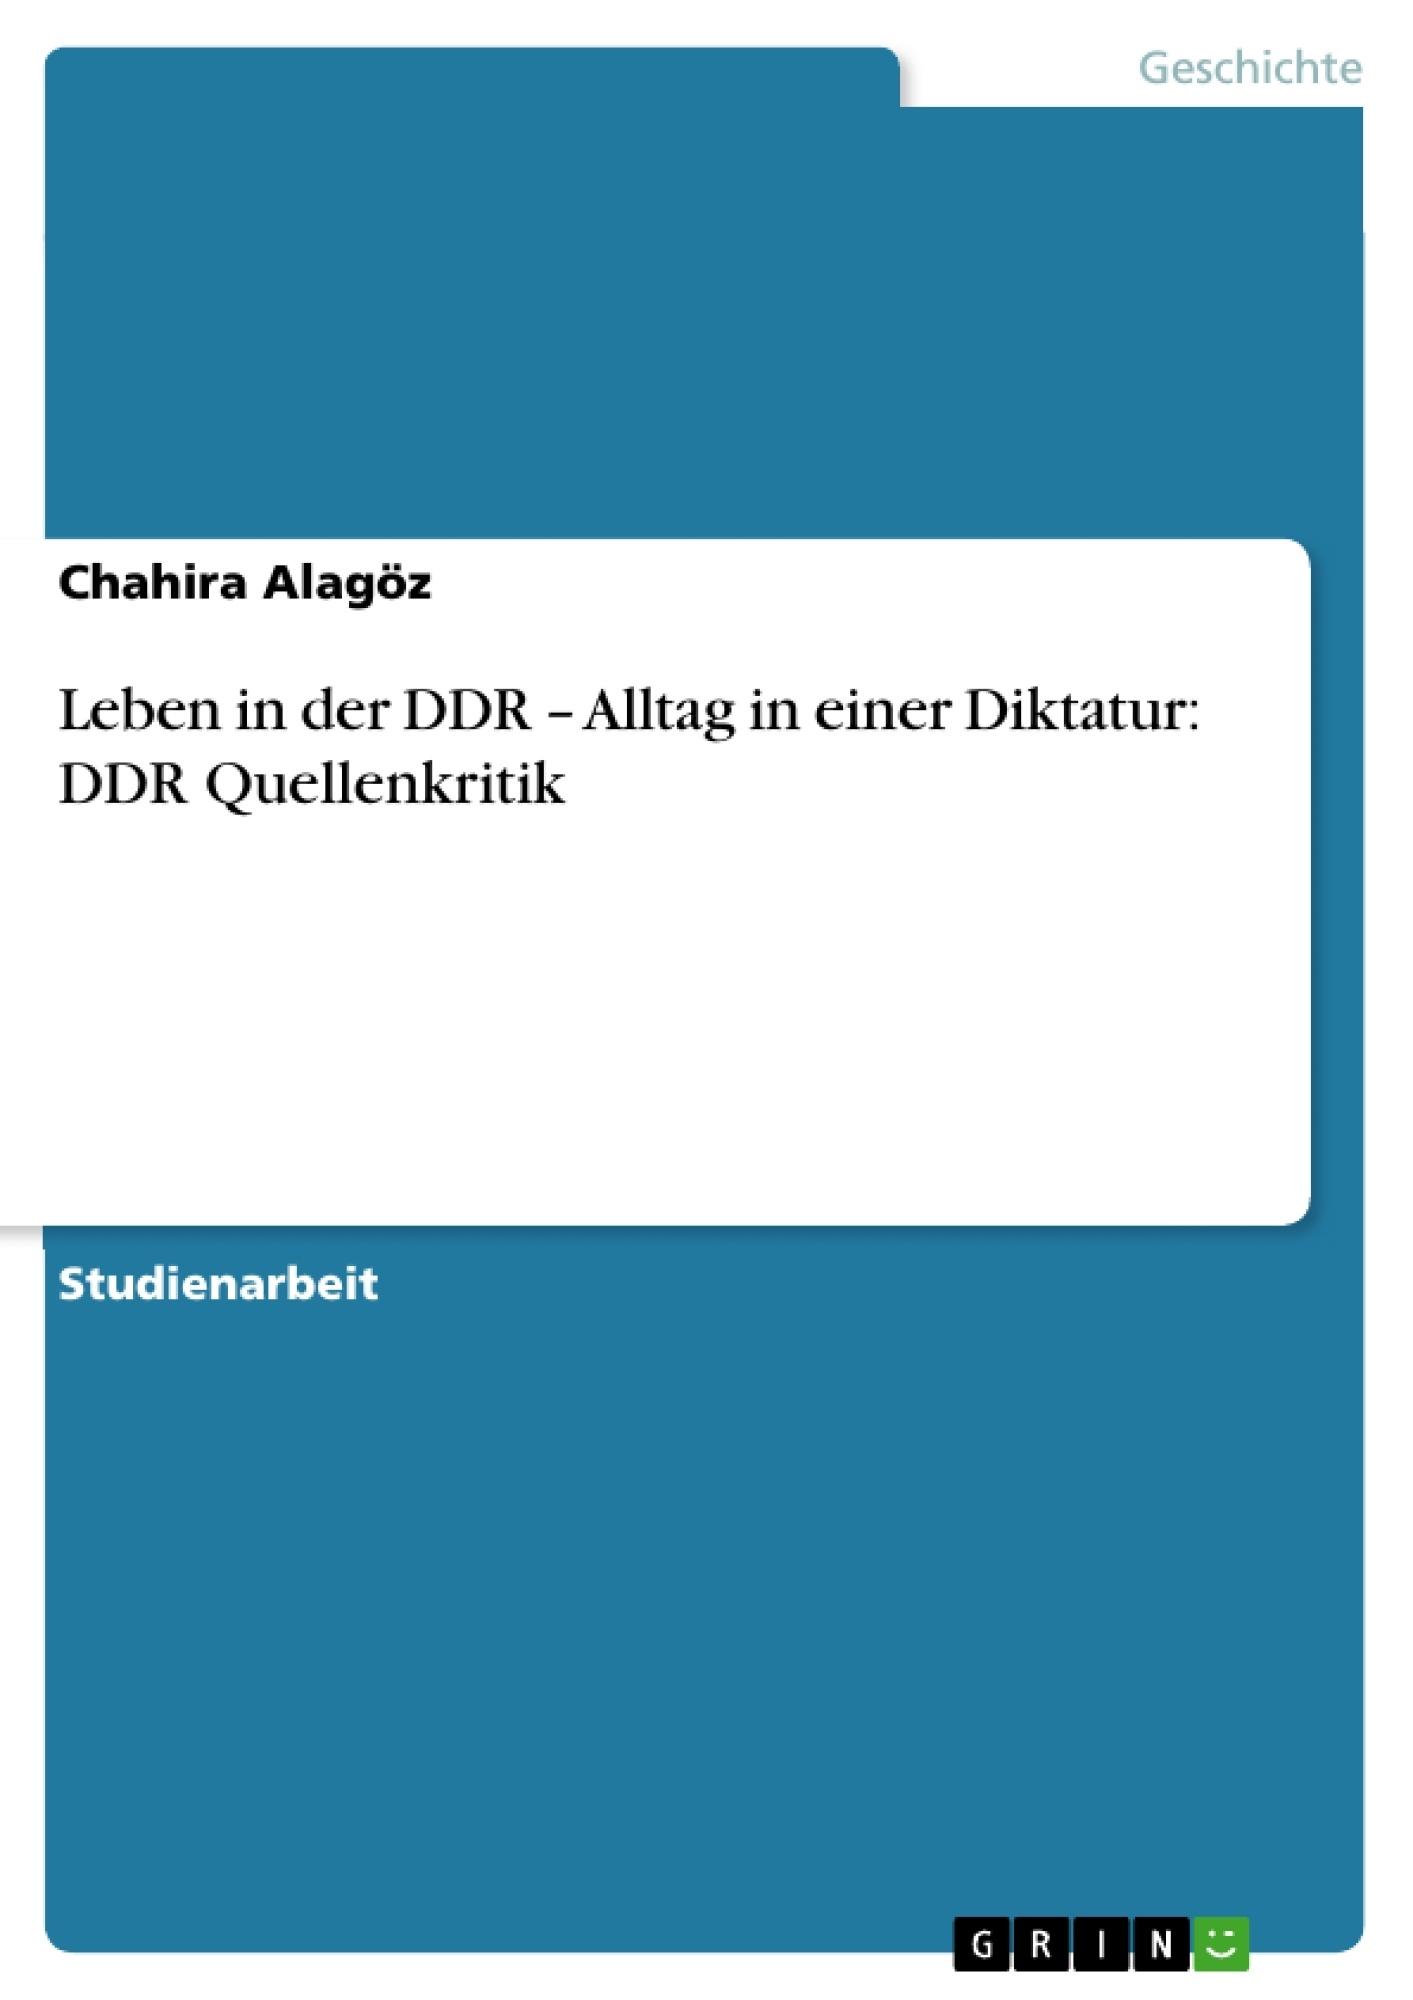 Titel: Leben in der DDR – Alltag in einer Diktatur: DDR Quellenkritik